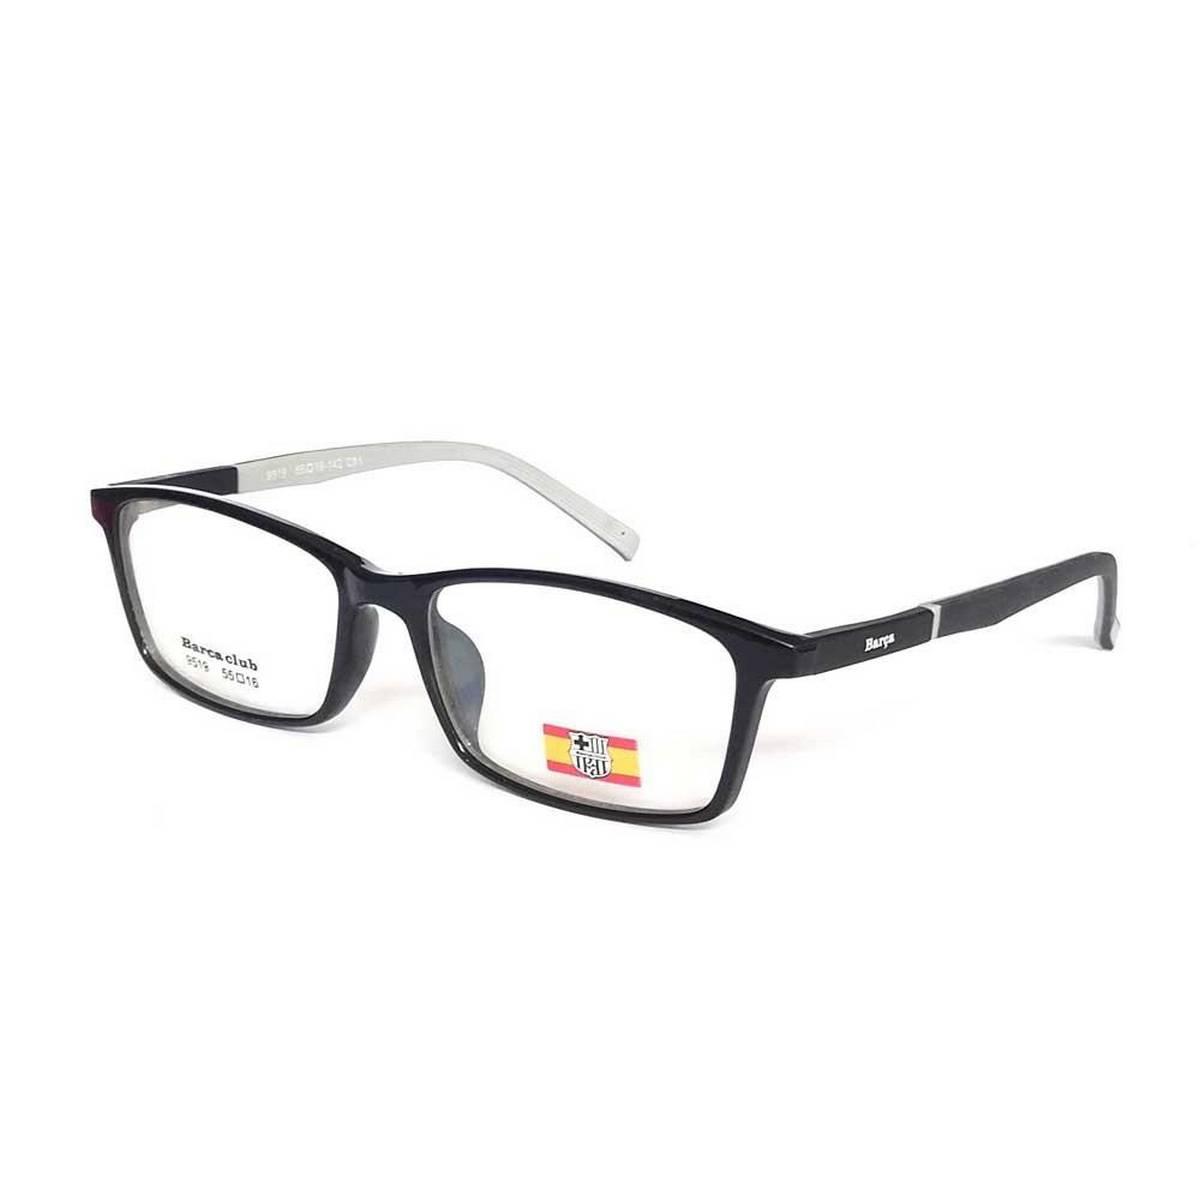 Rangeen Eyesight Frame Glasses for Men/Women Black